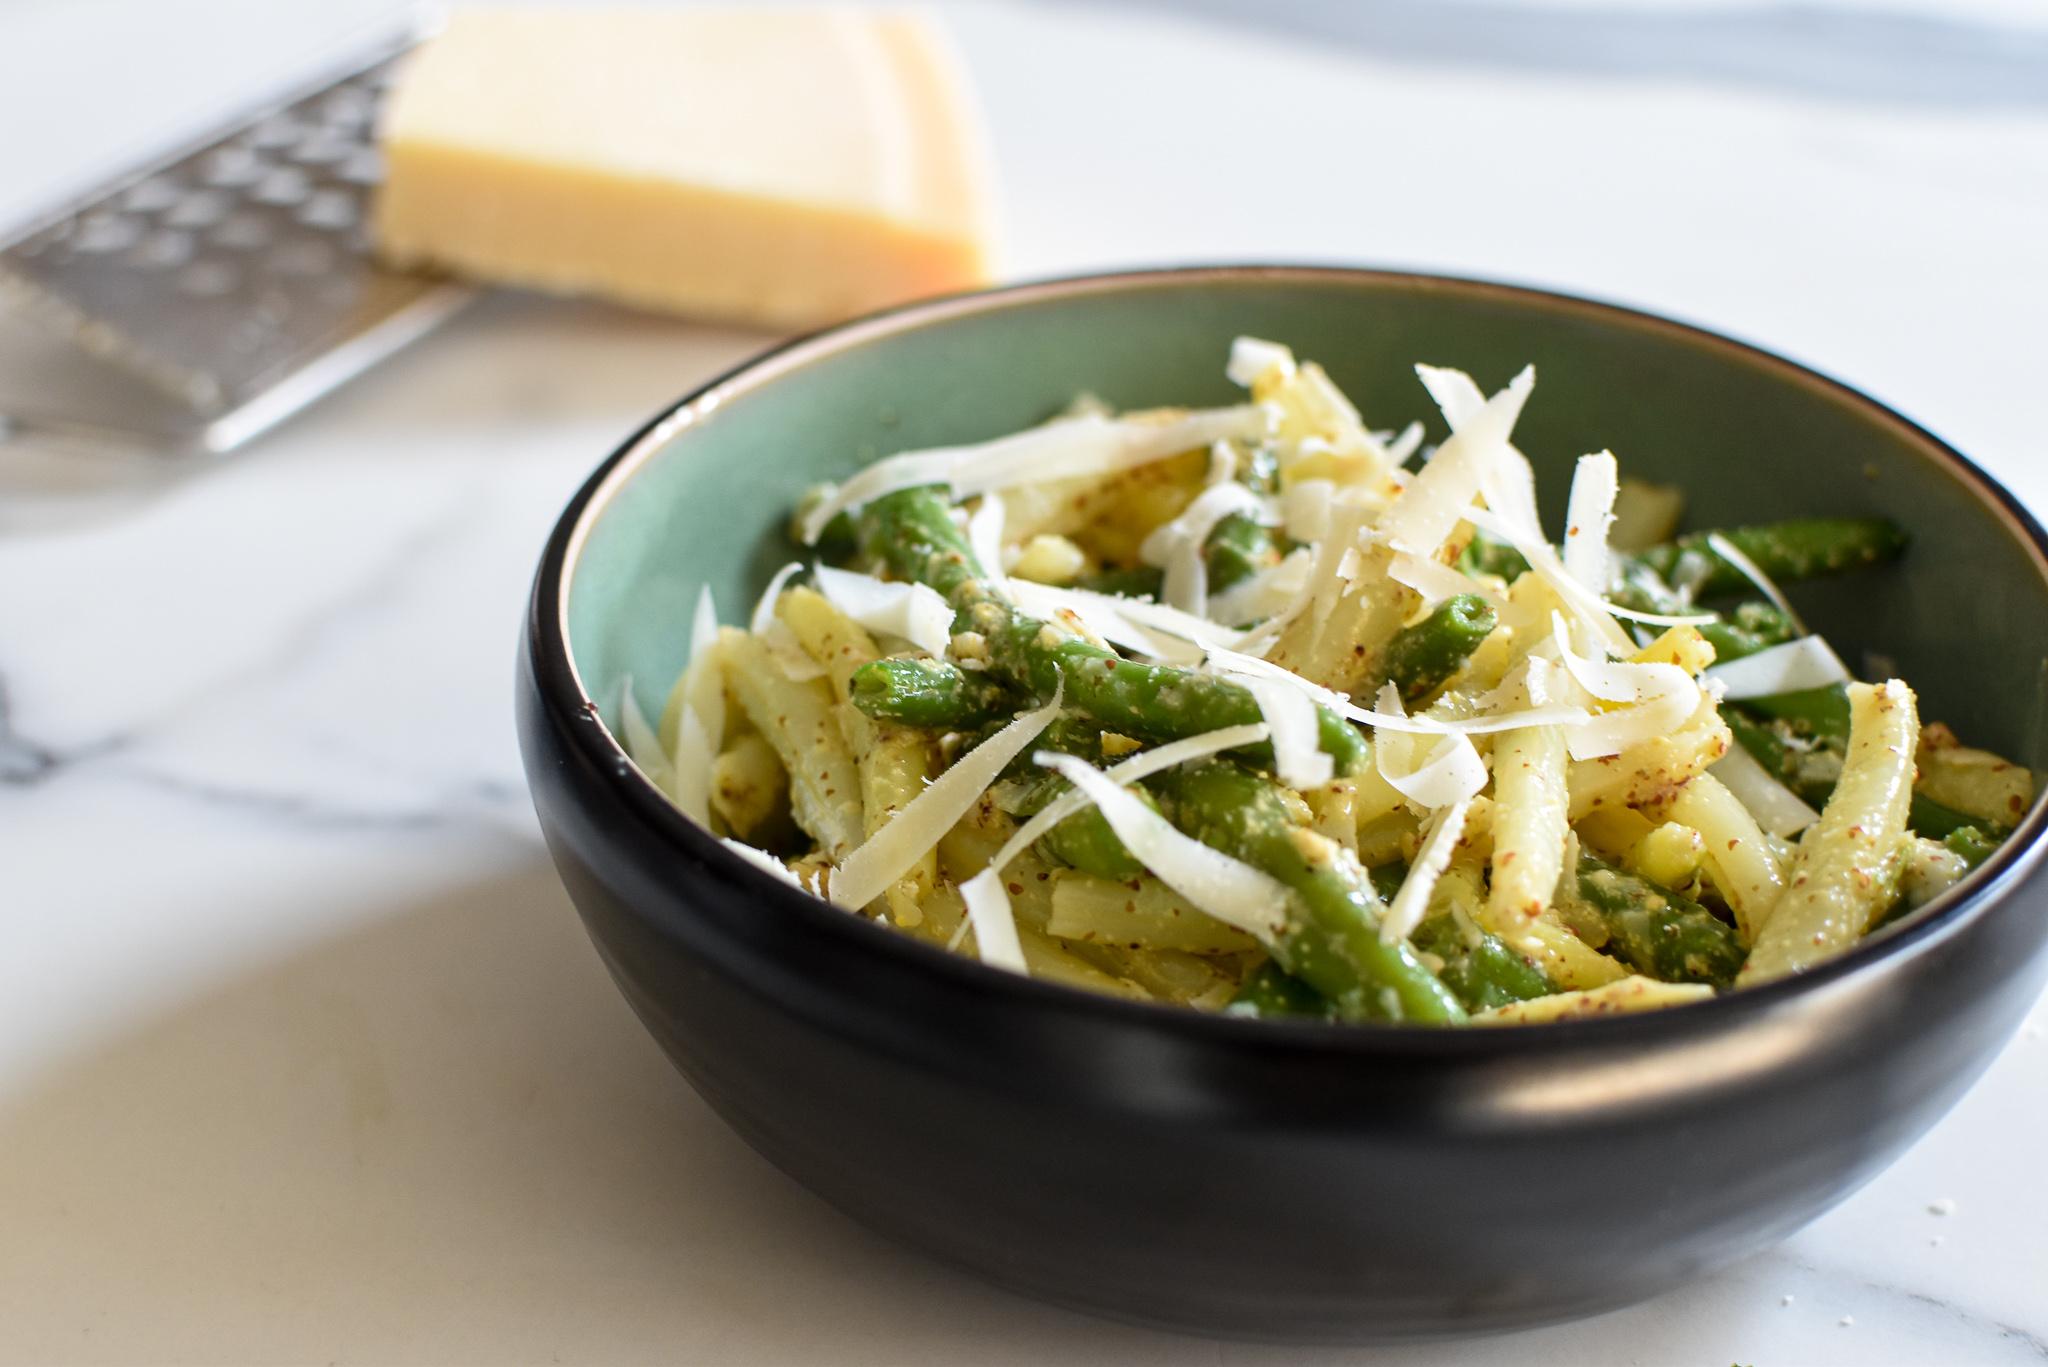 barbecue salade: boontjes en graanmosterd